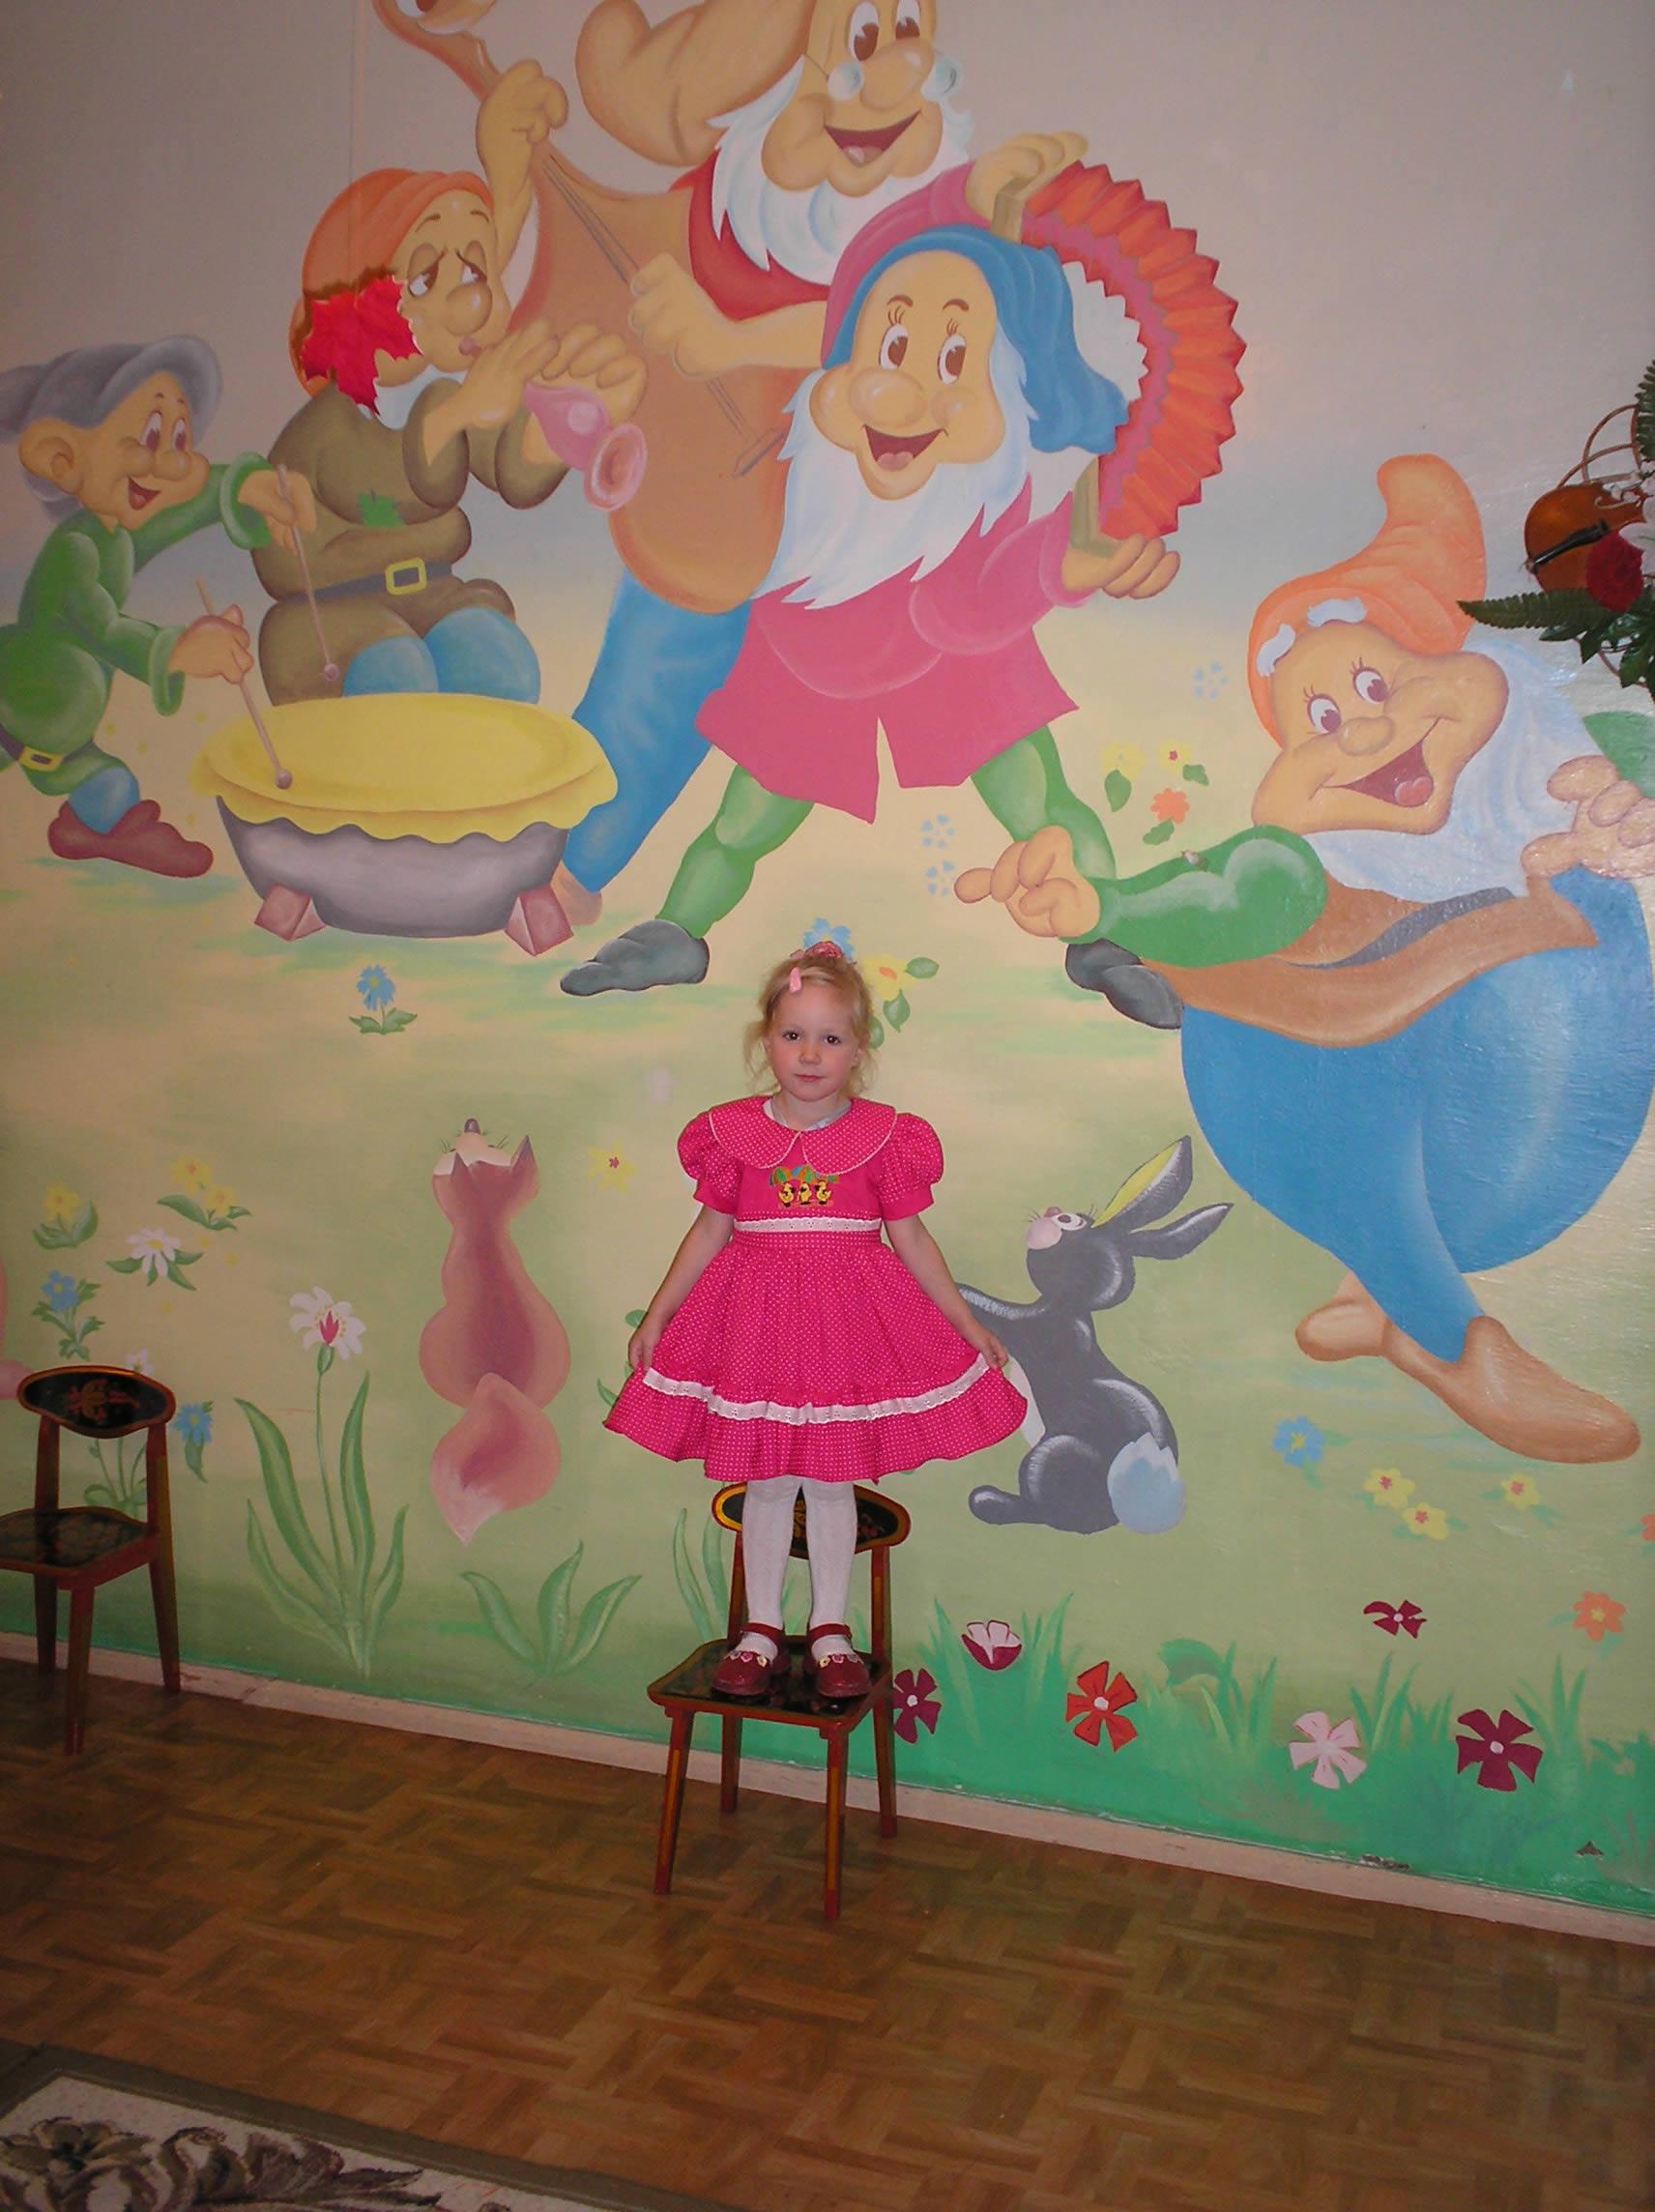 Принцесса Ульяна и семь гномов. Маленькая принцесса